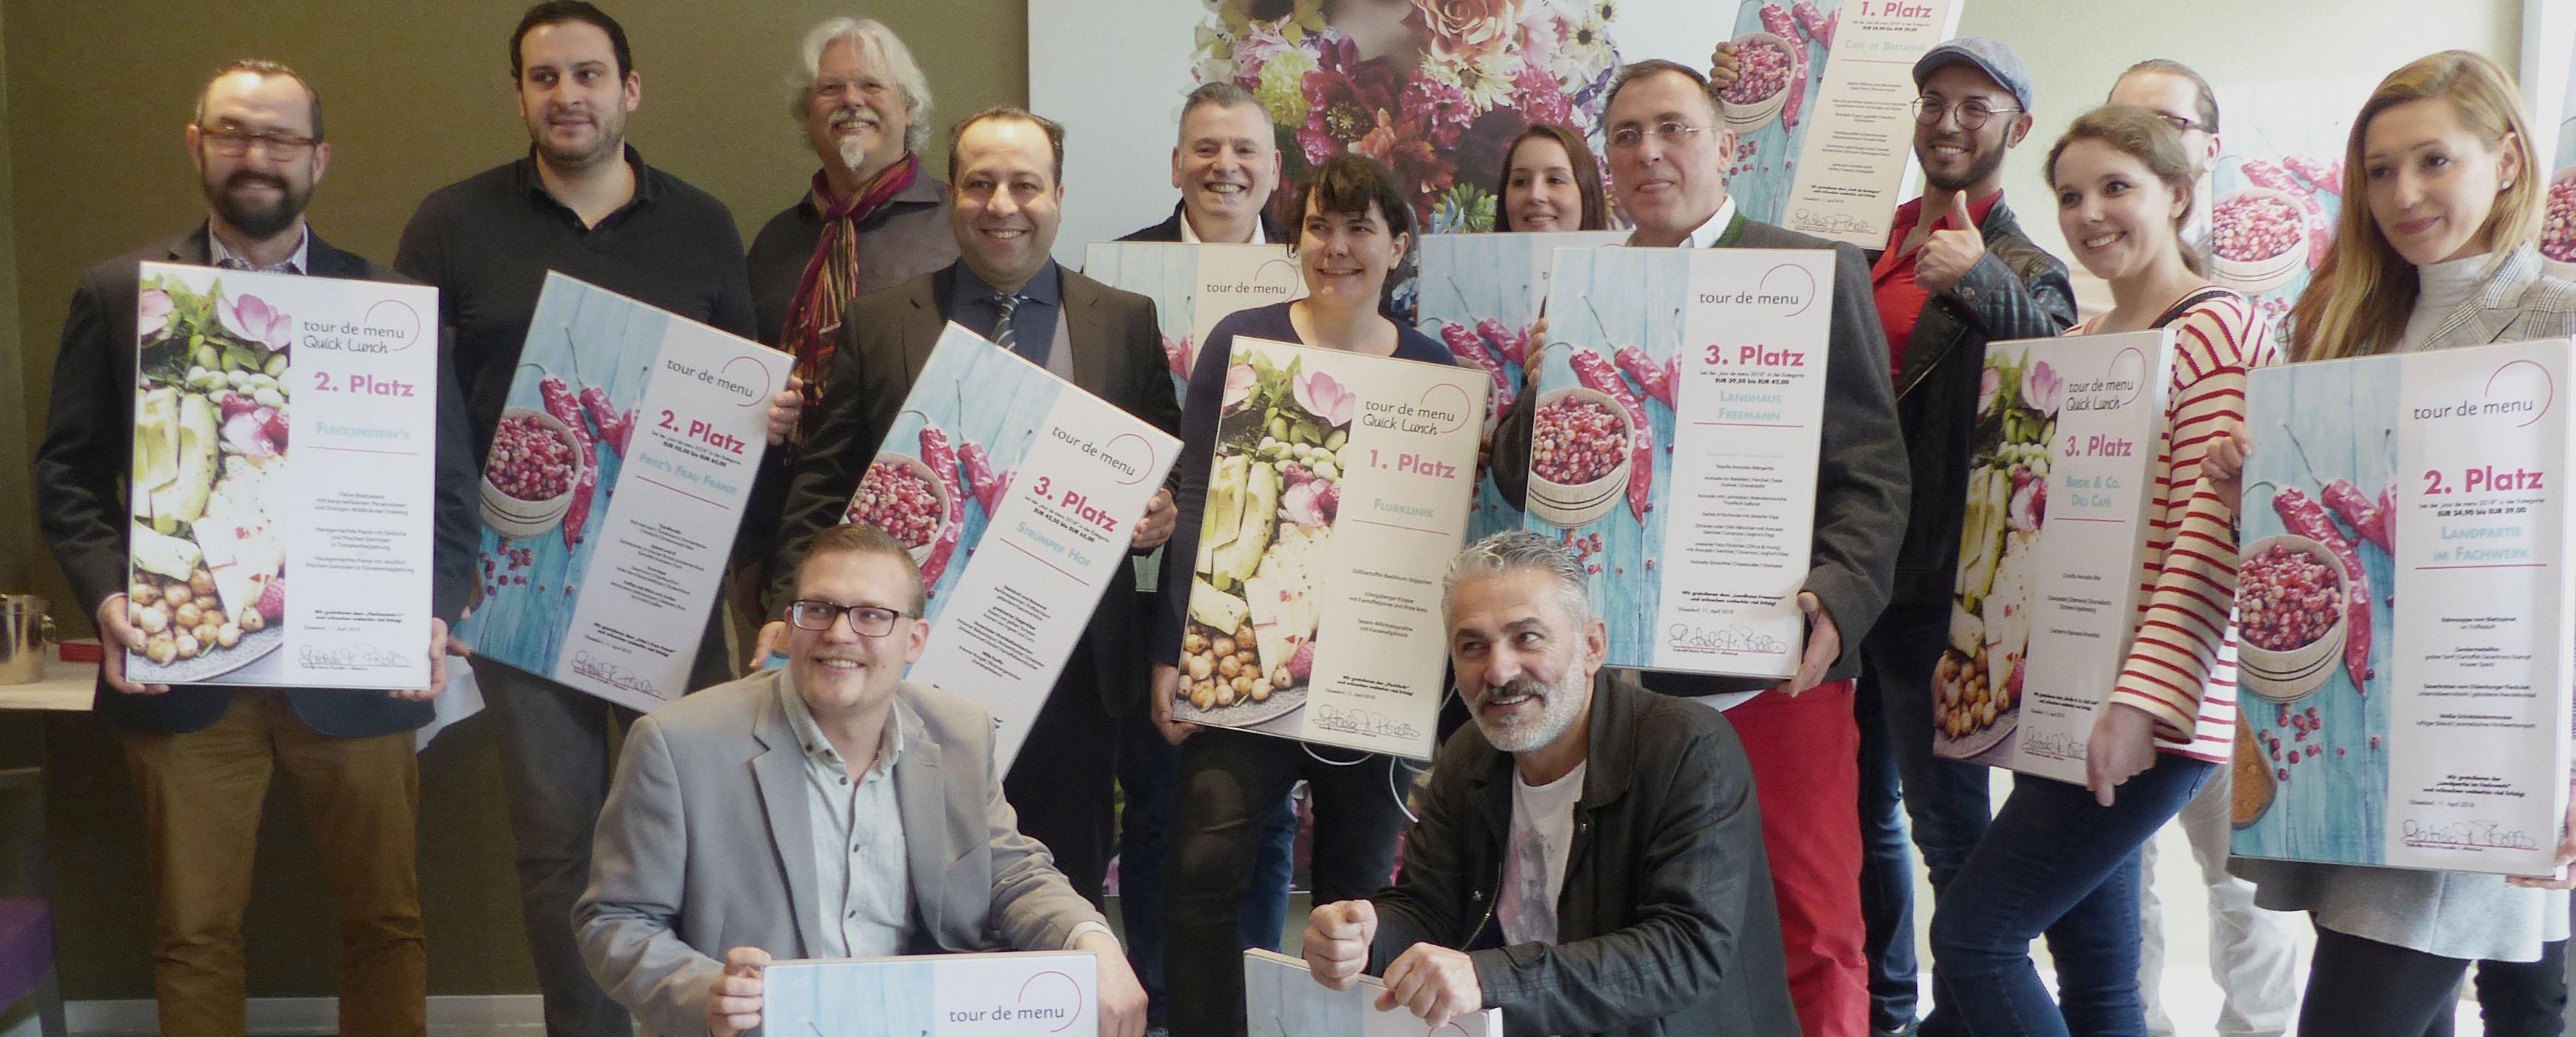 Restaurant Landpartie im Fachwerk gewinnt einen 2. Platz bei der tour de menü 2018